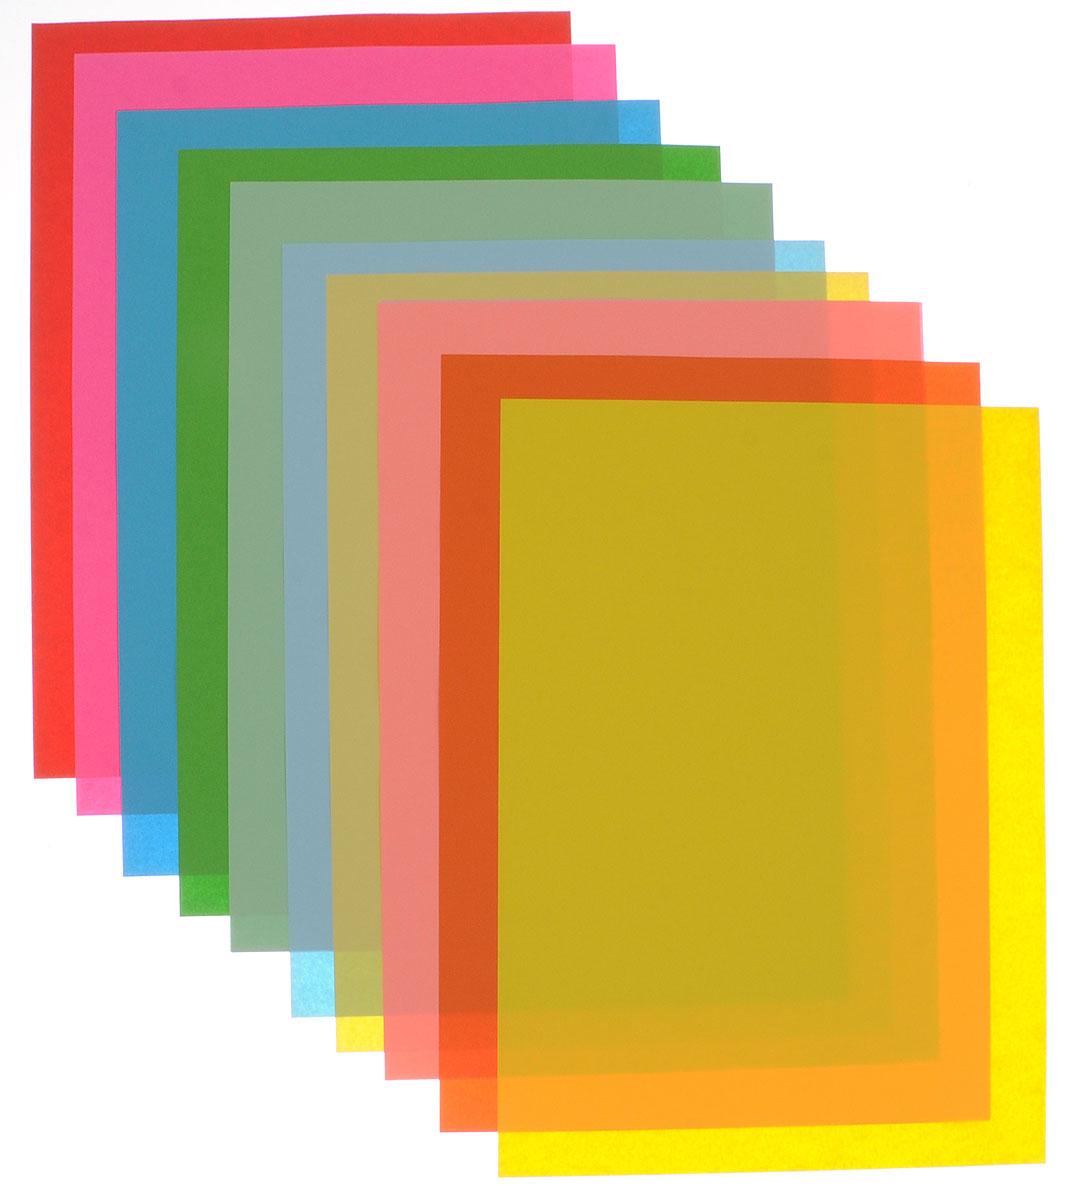 Тонированная цветная бумага Апплика Ясный месяц формата А4 идеально подходит для детского творчества: создания аппликаций, оригами и многого другого.    В упаковке 12 листов двусторонней тонированной бумаги 12 разных цветов. Детские аппликации из тонкой цветной бумаги - отличное занятие для развития творческих способностей и познавательной деятельности малыша, а также хороший способ самовыражения ребенка.    Рекомендуемый возраст: от 3 лет.